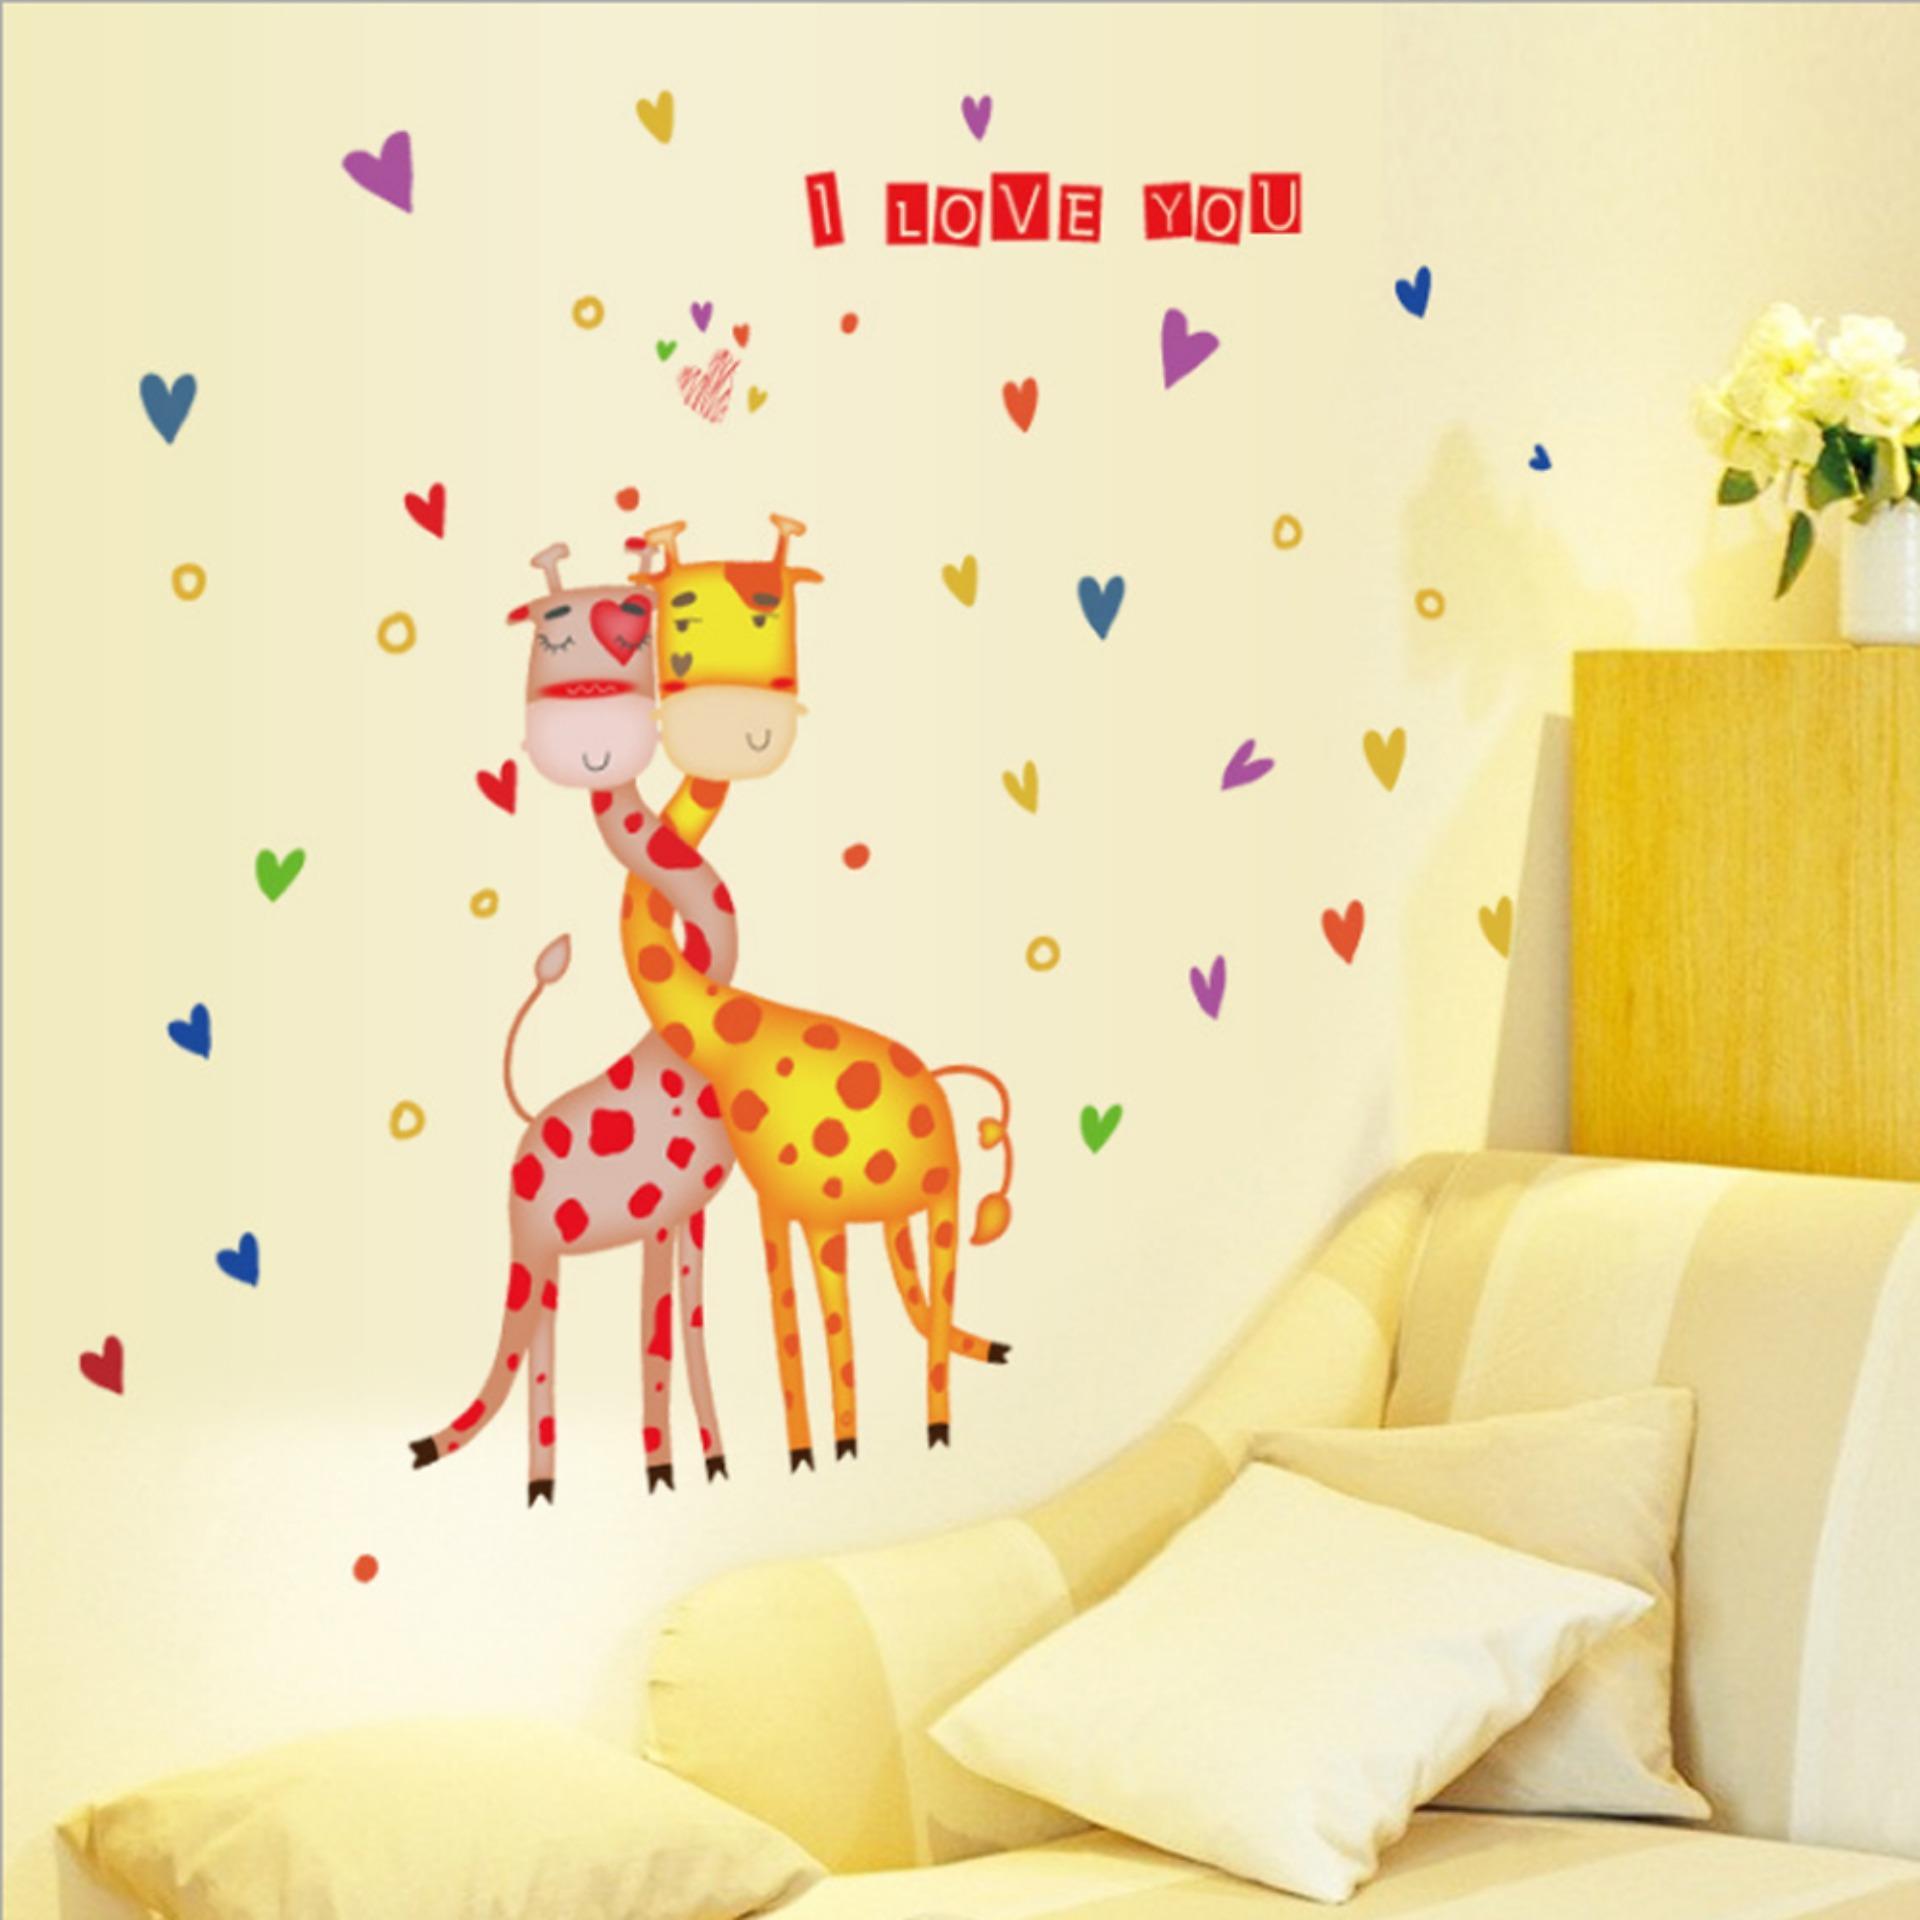 Jerapah Romantis Berbentuk Hati Bahasa Inggris Letters Wall Sticker Decal Home Kertas PVC Mural Rumah Wallpaper Kamar Tidur Anak-anak Babys Ruang Tamu Gambar Seni Dekorasi-Intl